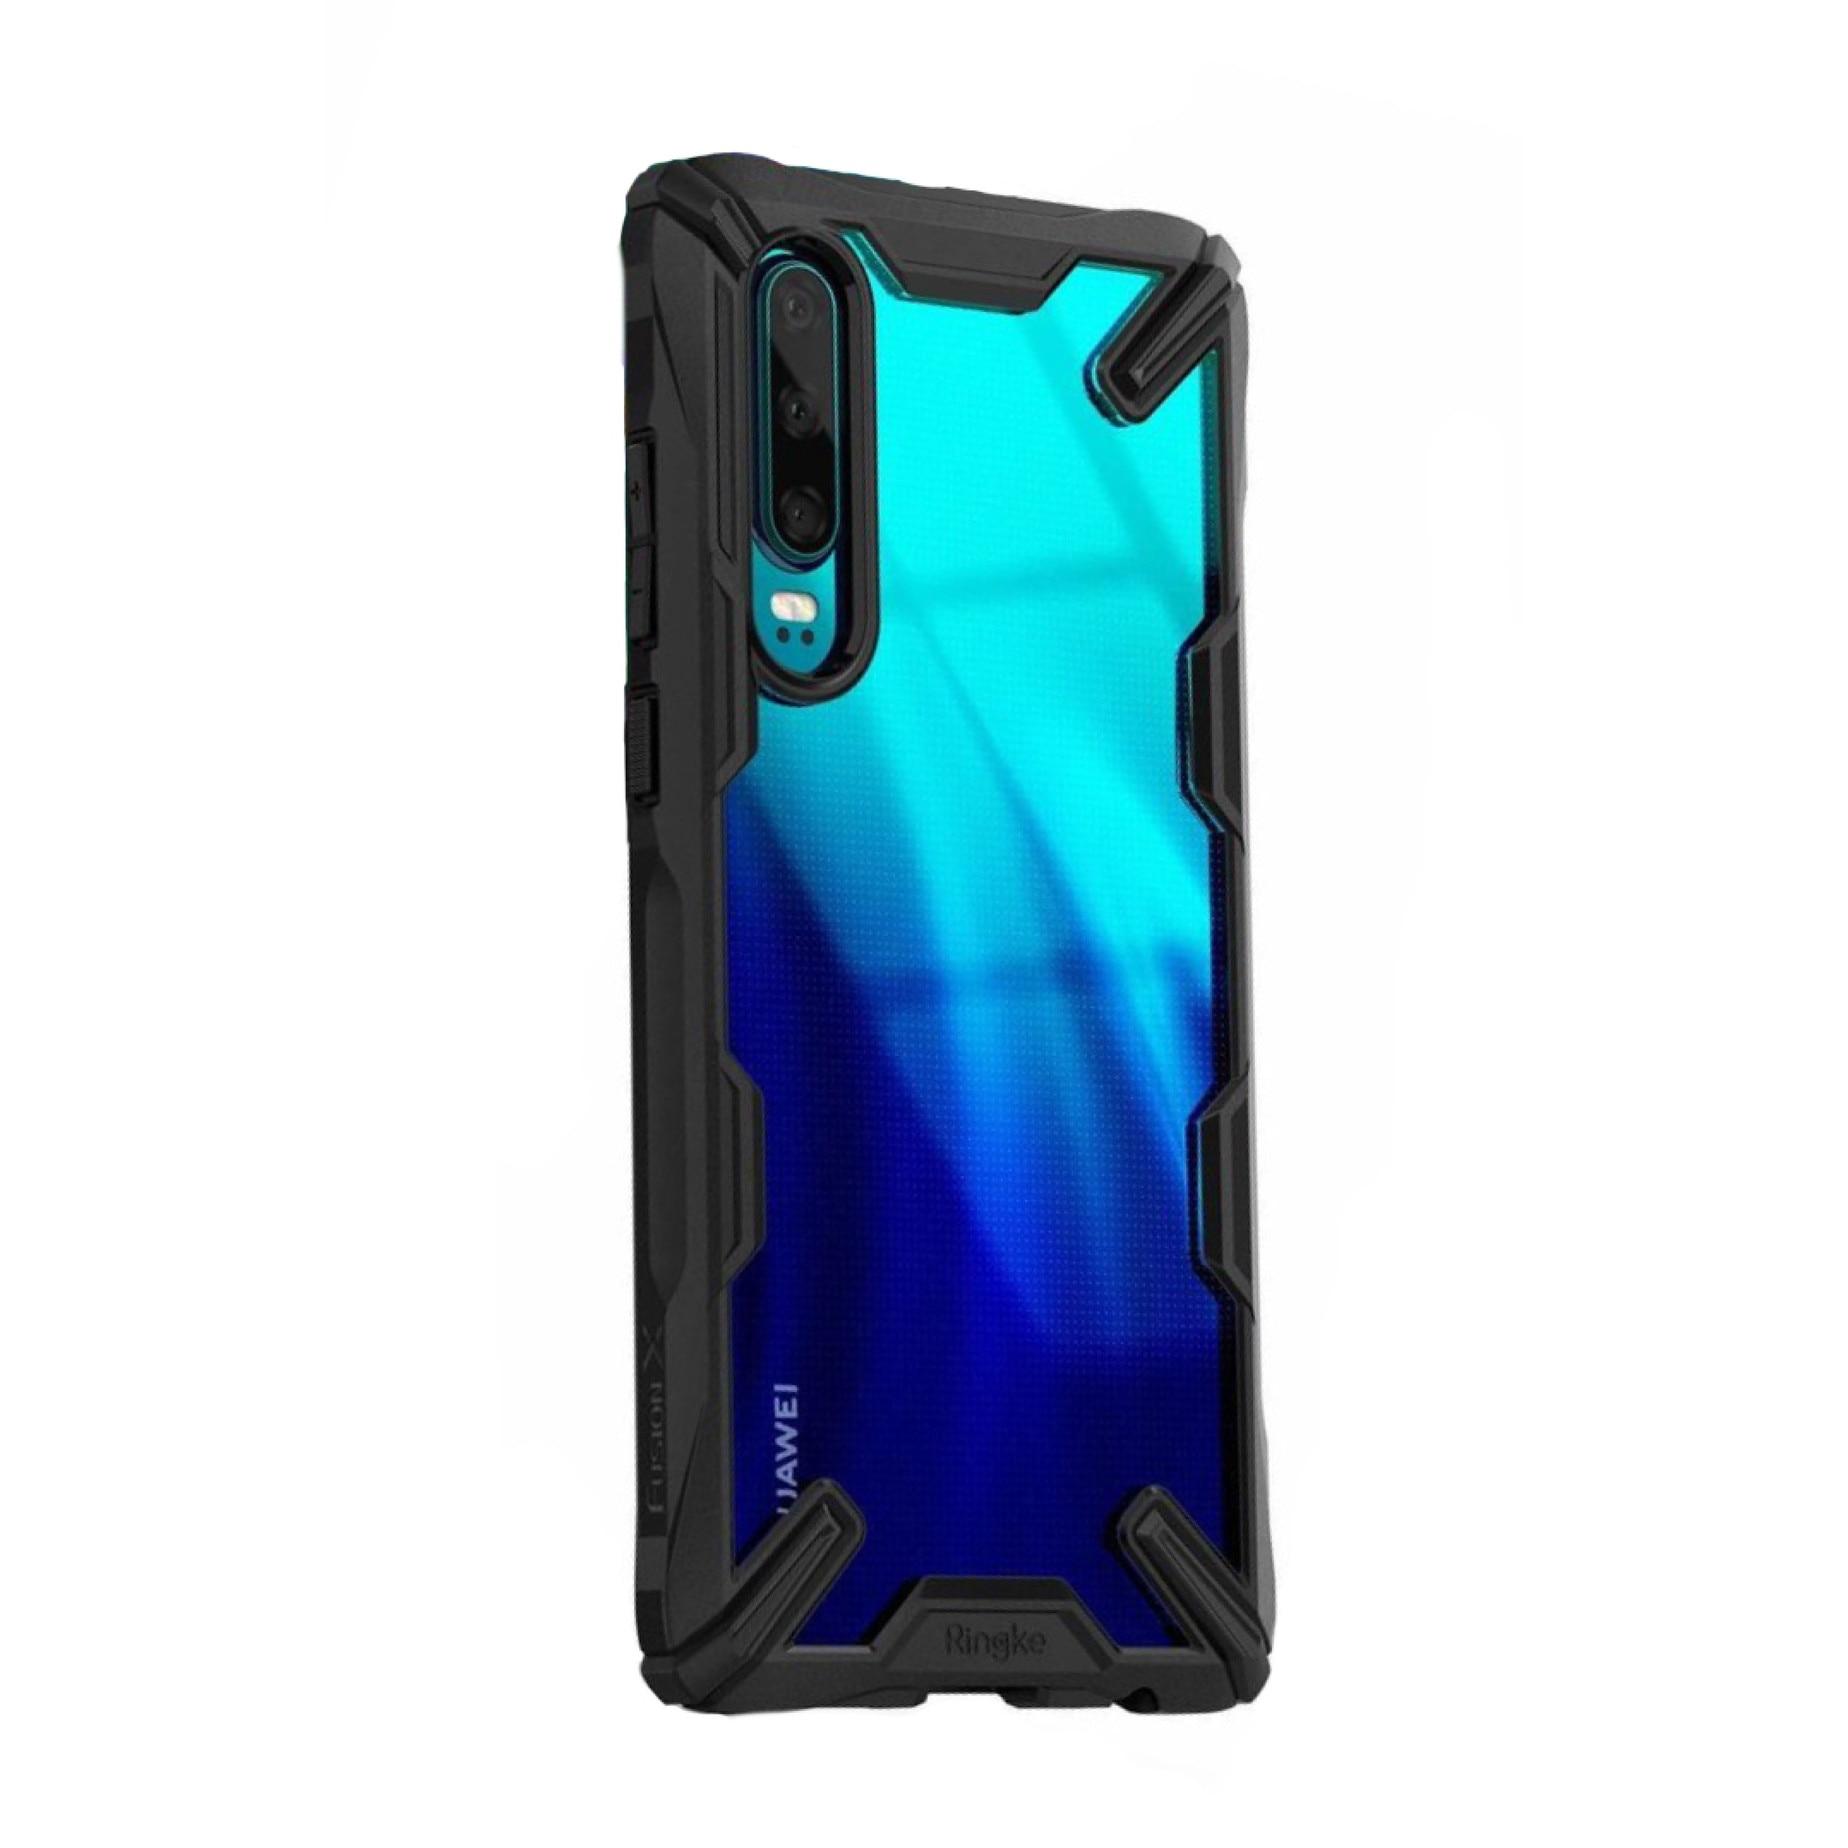 Fotografie Husa Ringke pentru Huawei P30 fusion X, Black